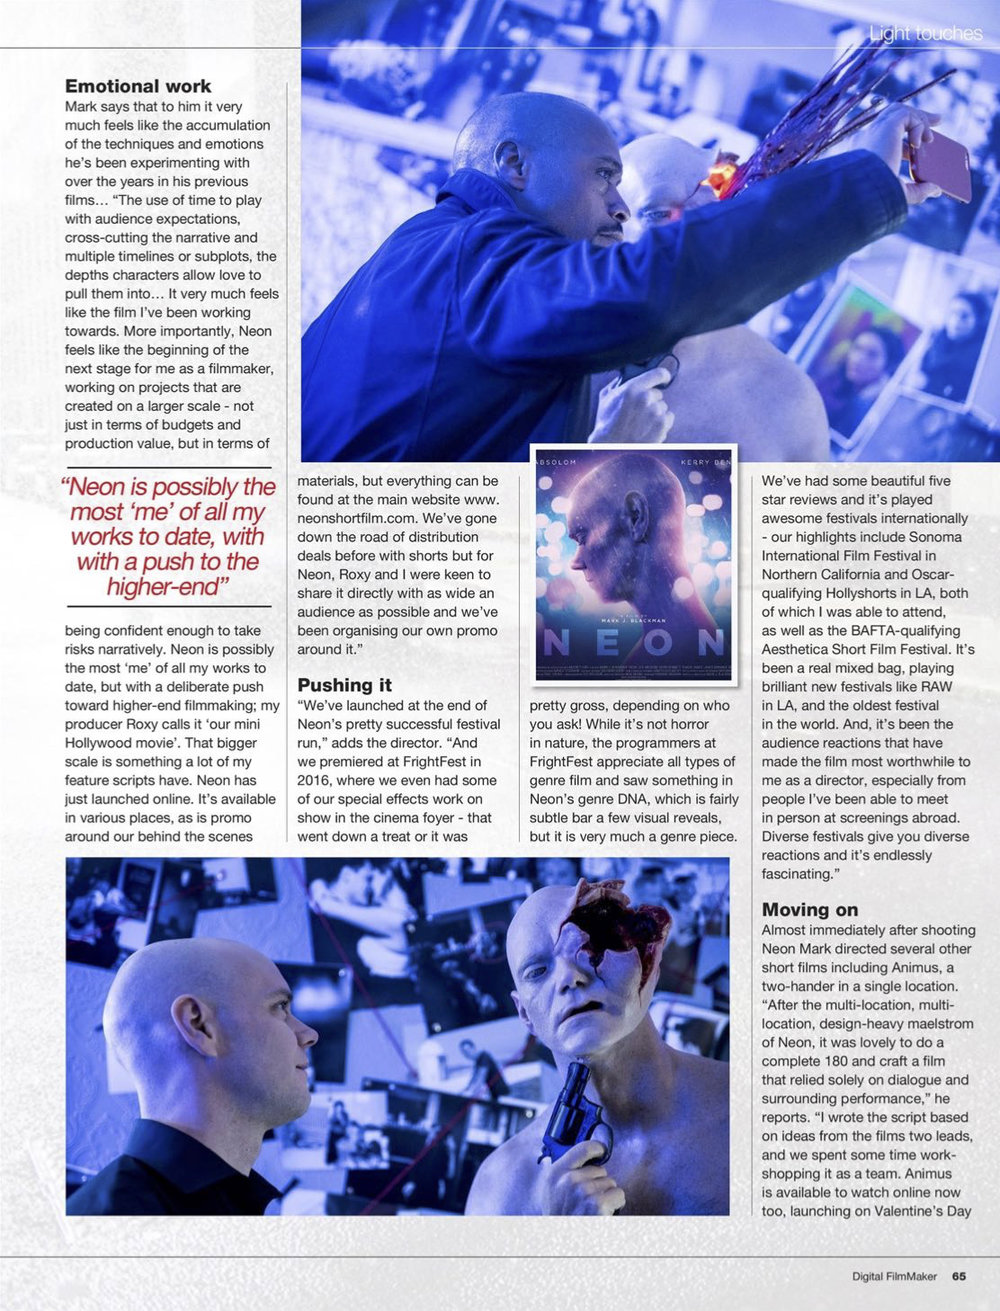 Neon - Digital Filmmaker spread (May 2018)_P6.jpg